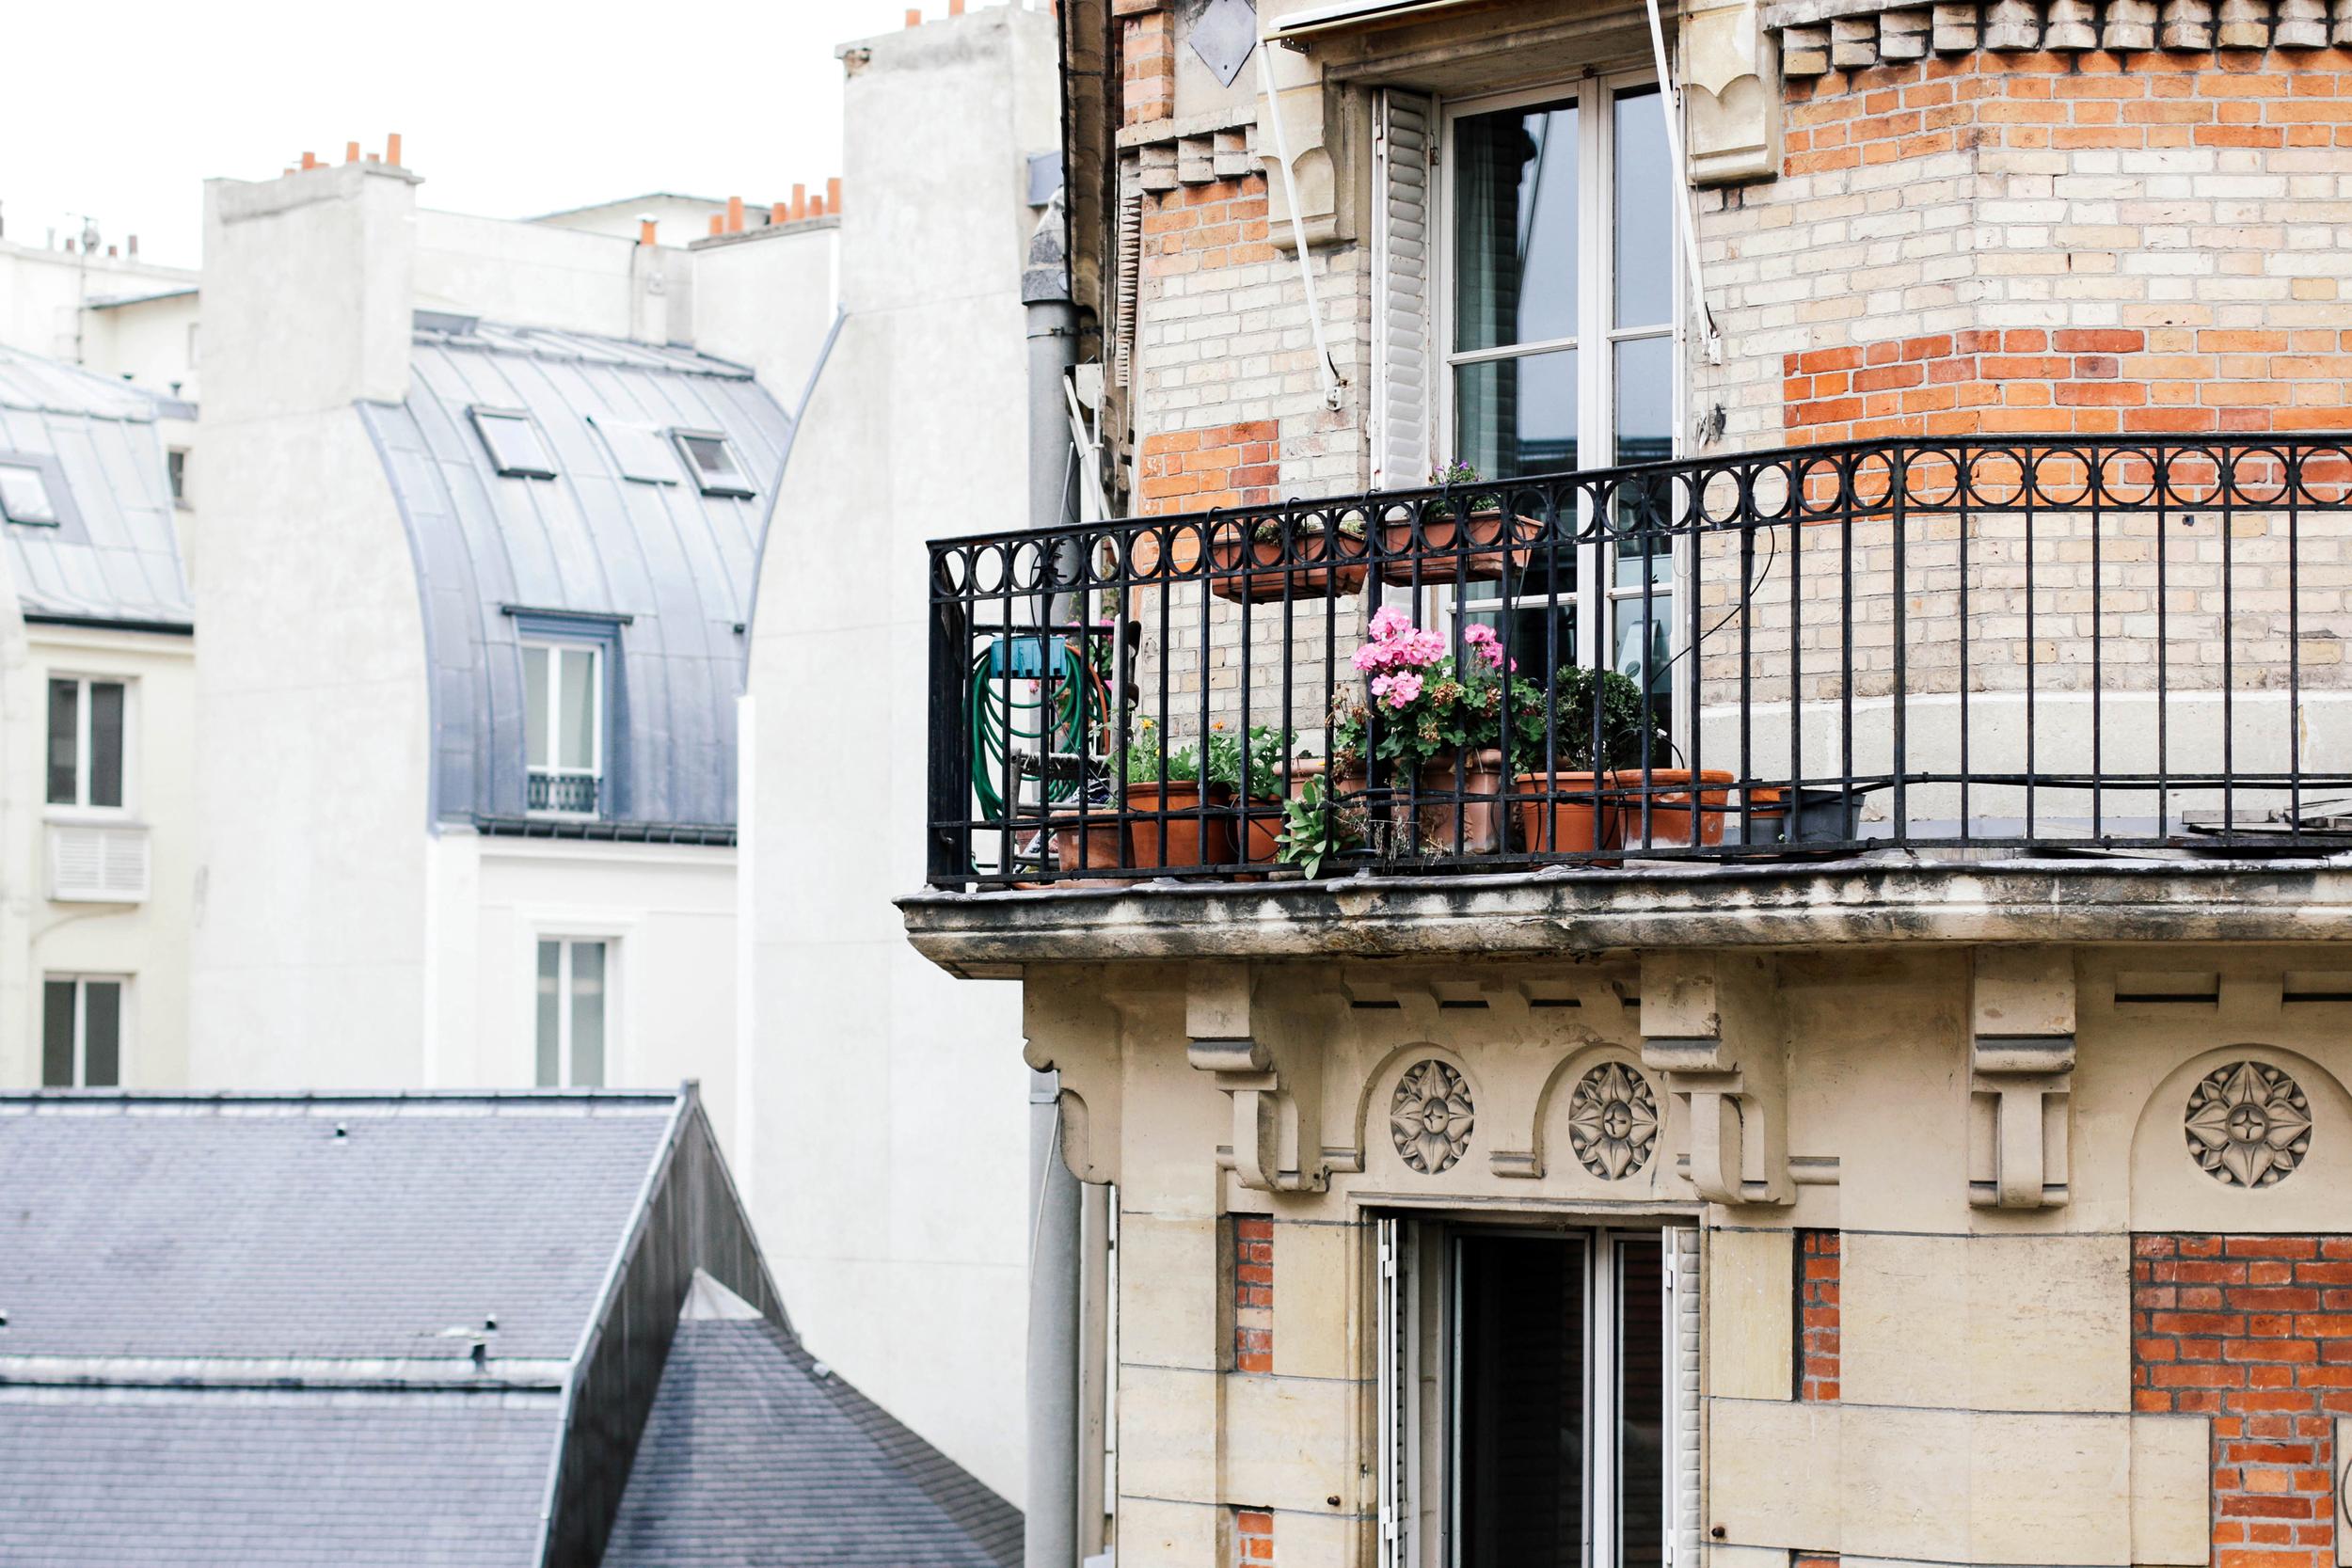 36hours-paris-1.jpg